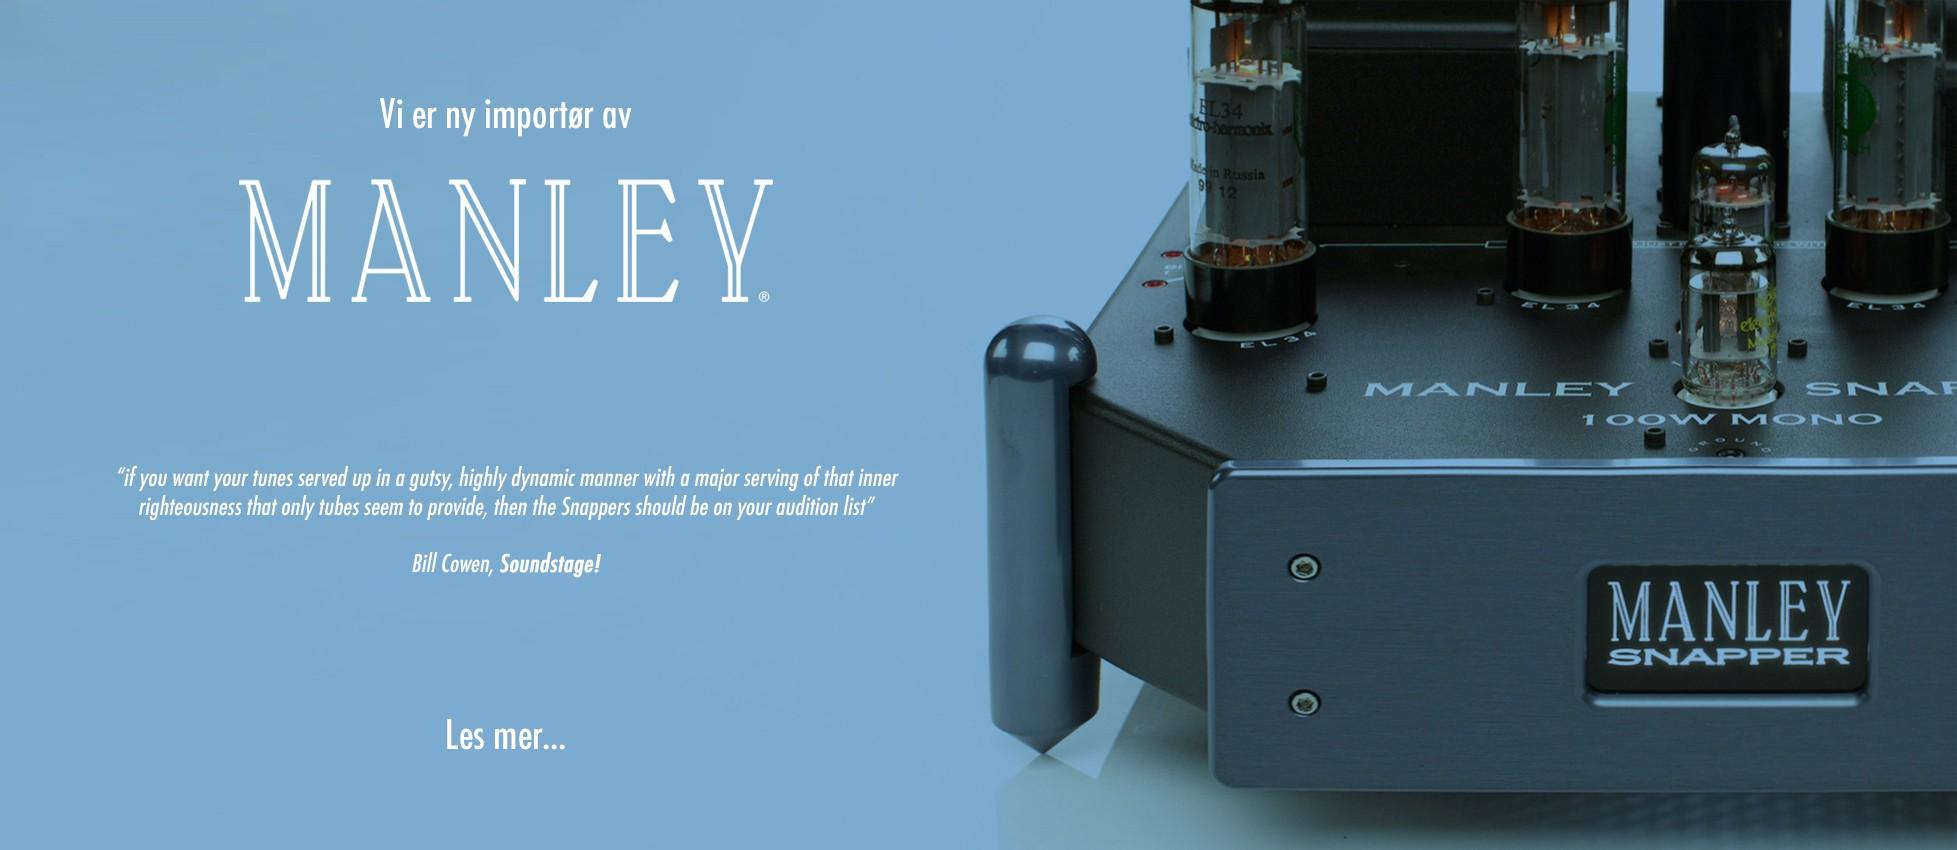 Ny Importør av Manley i norge!